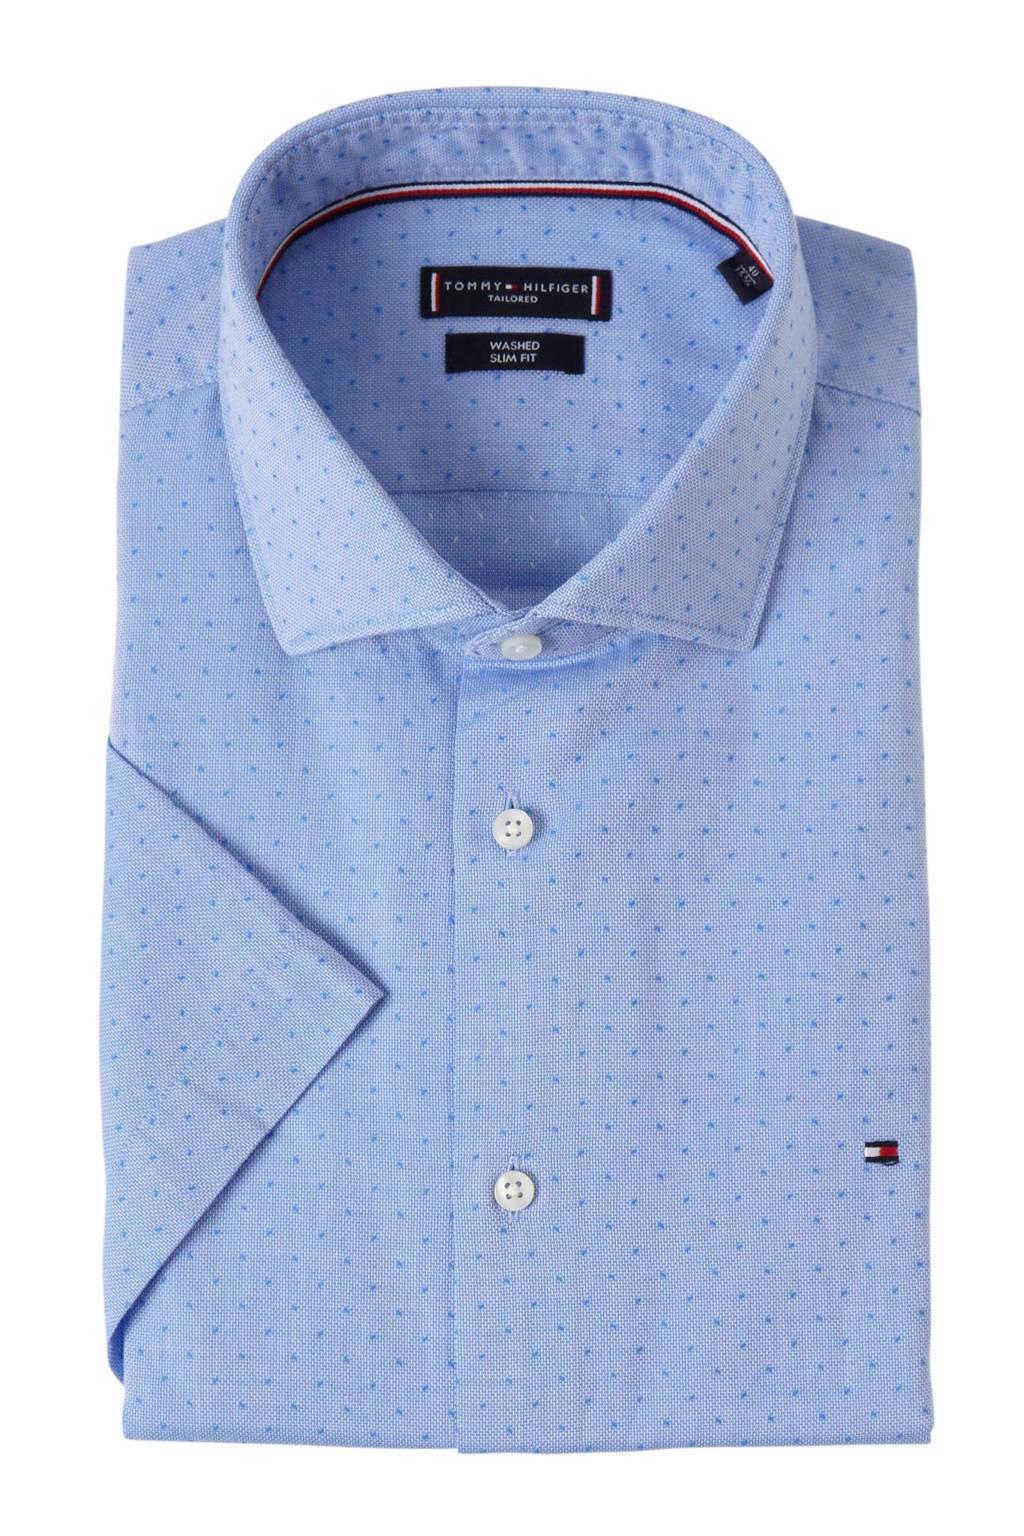 Tommy Hilfiger Tailored slim fit overhemd met print blauw, Blauw